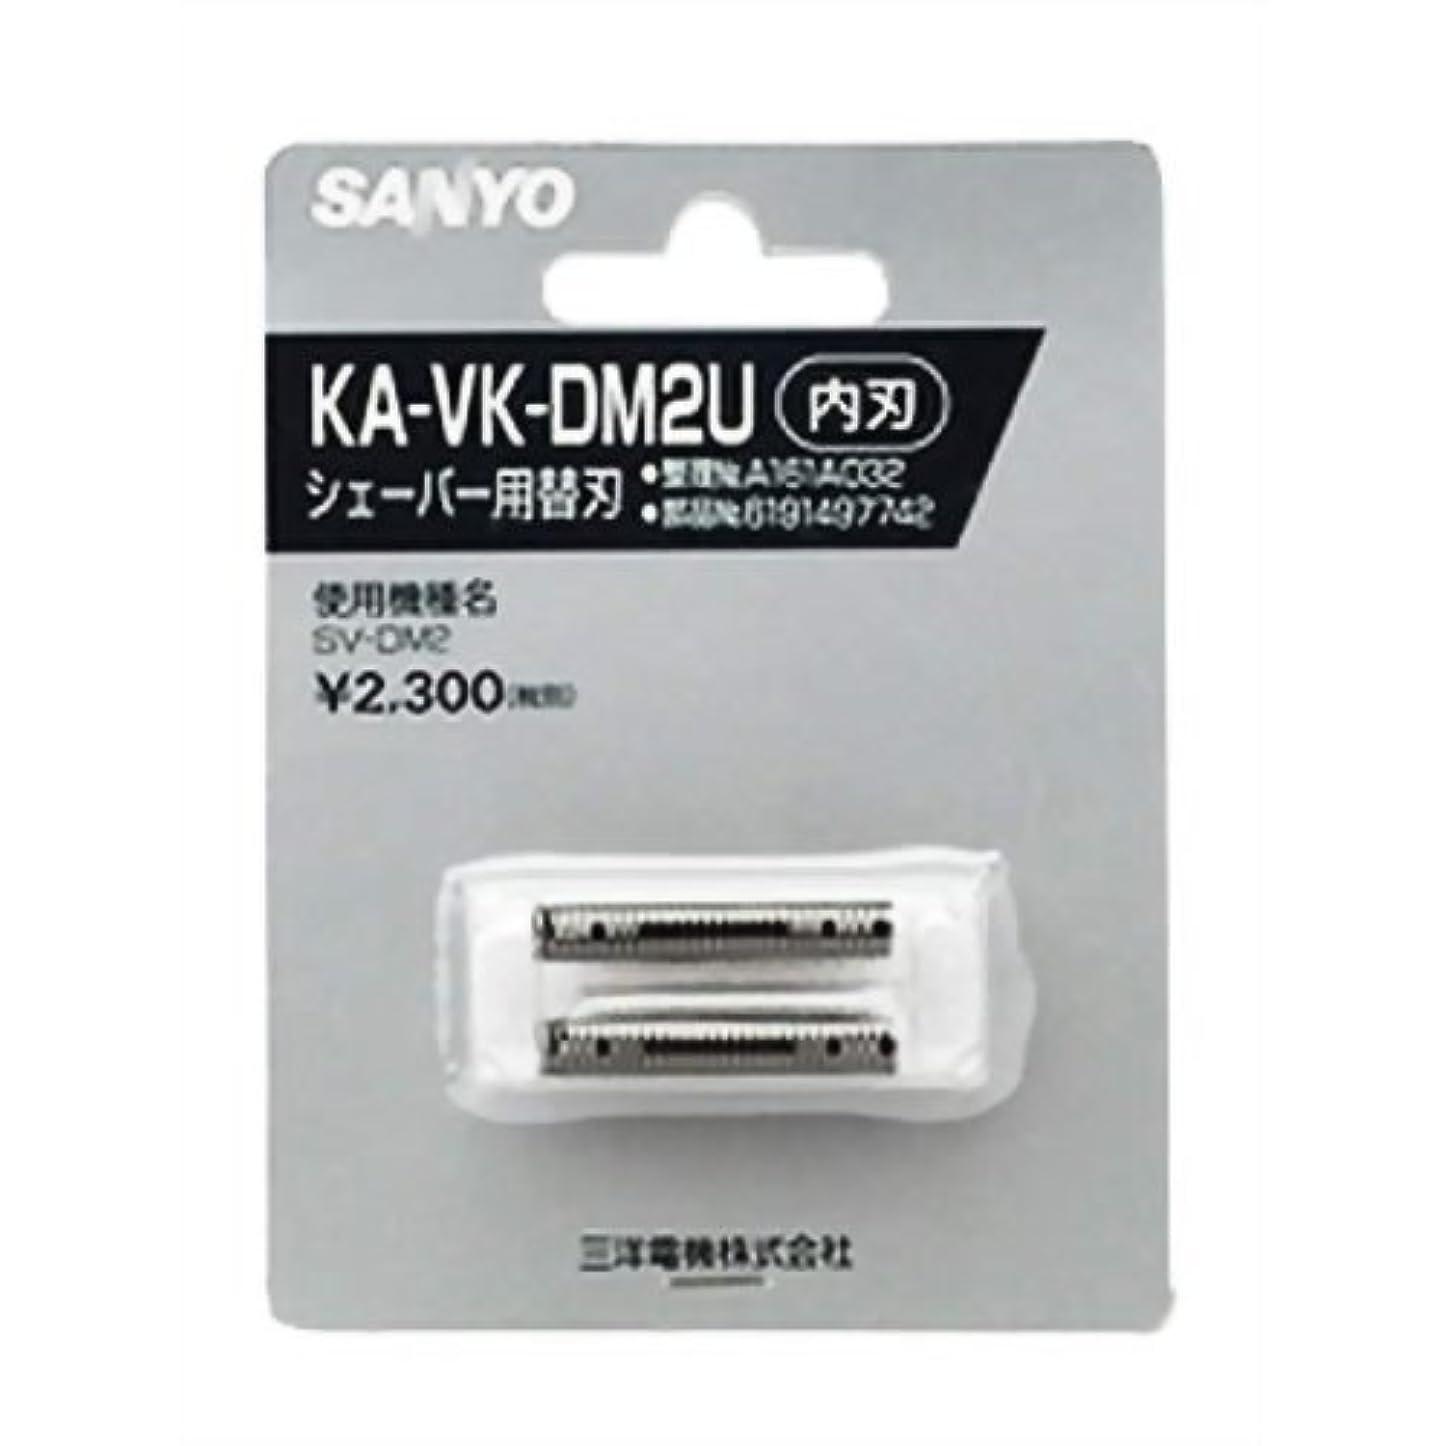 通訳写真紳士気取りの、きざなSANYO (サンヨー) KA-VK-DM2U シェーバー替刃 (内刃)